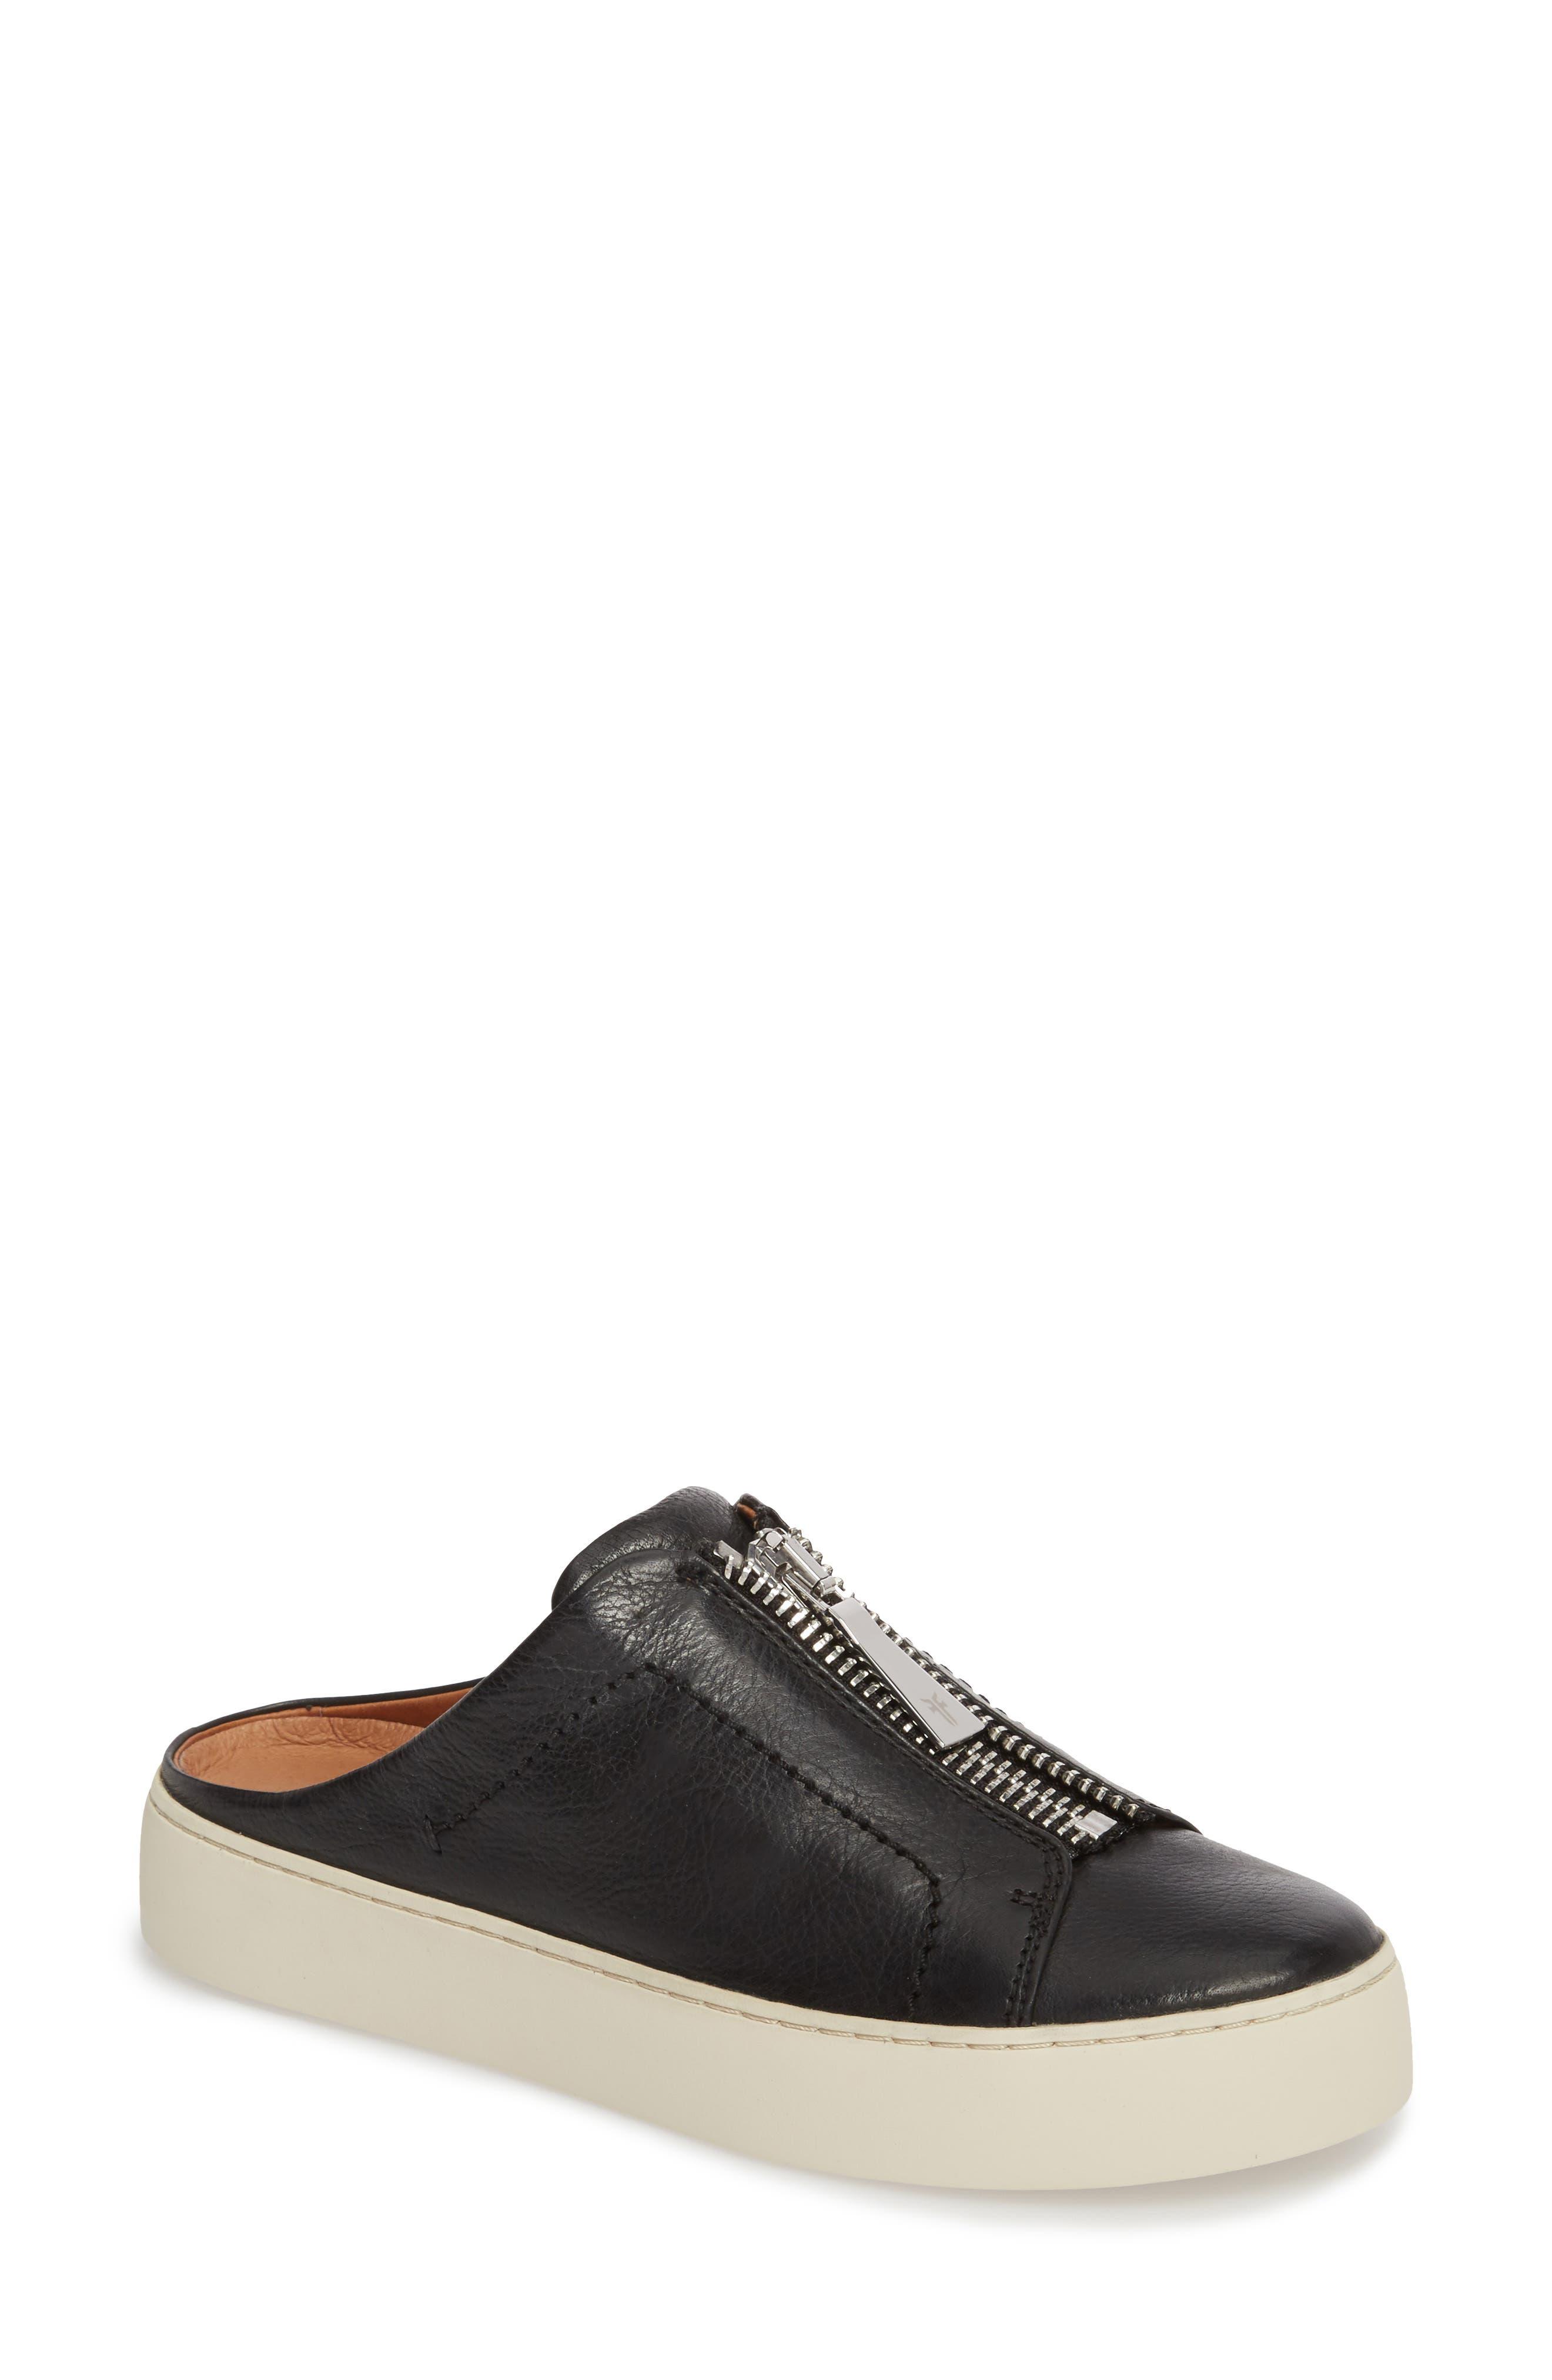 Frye Lena Platform Sneaker Mule (Women)